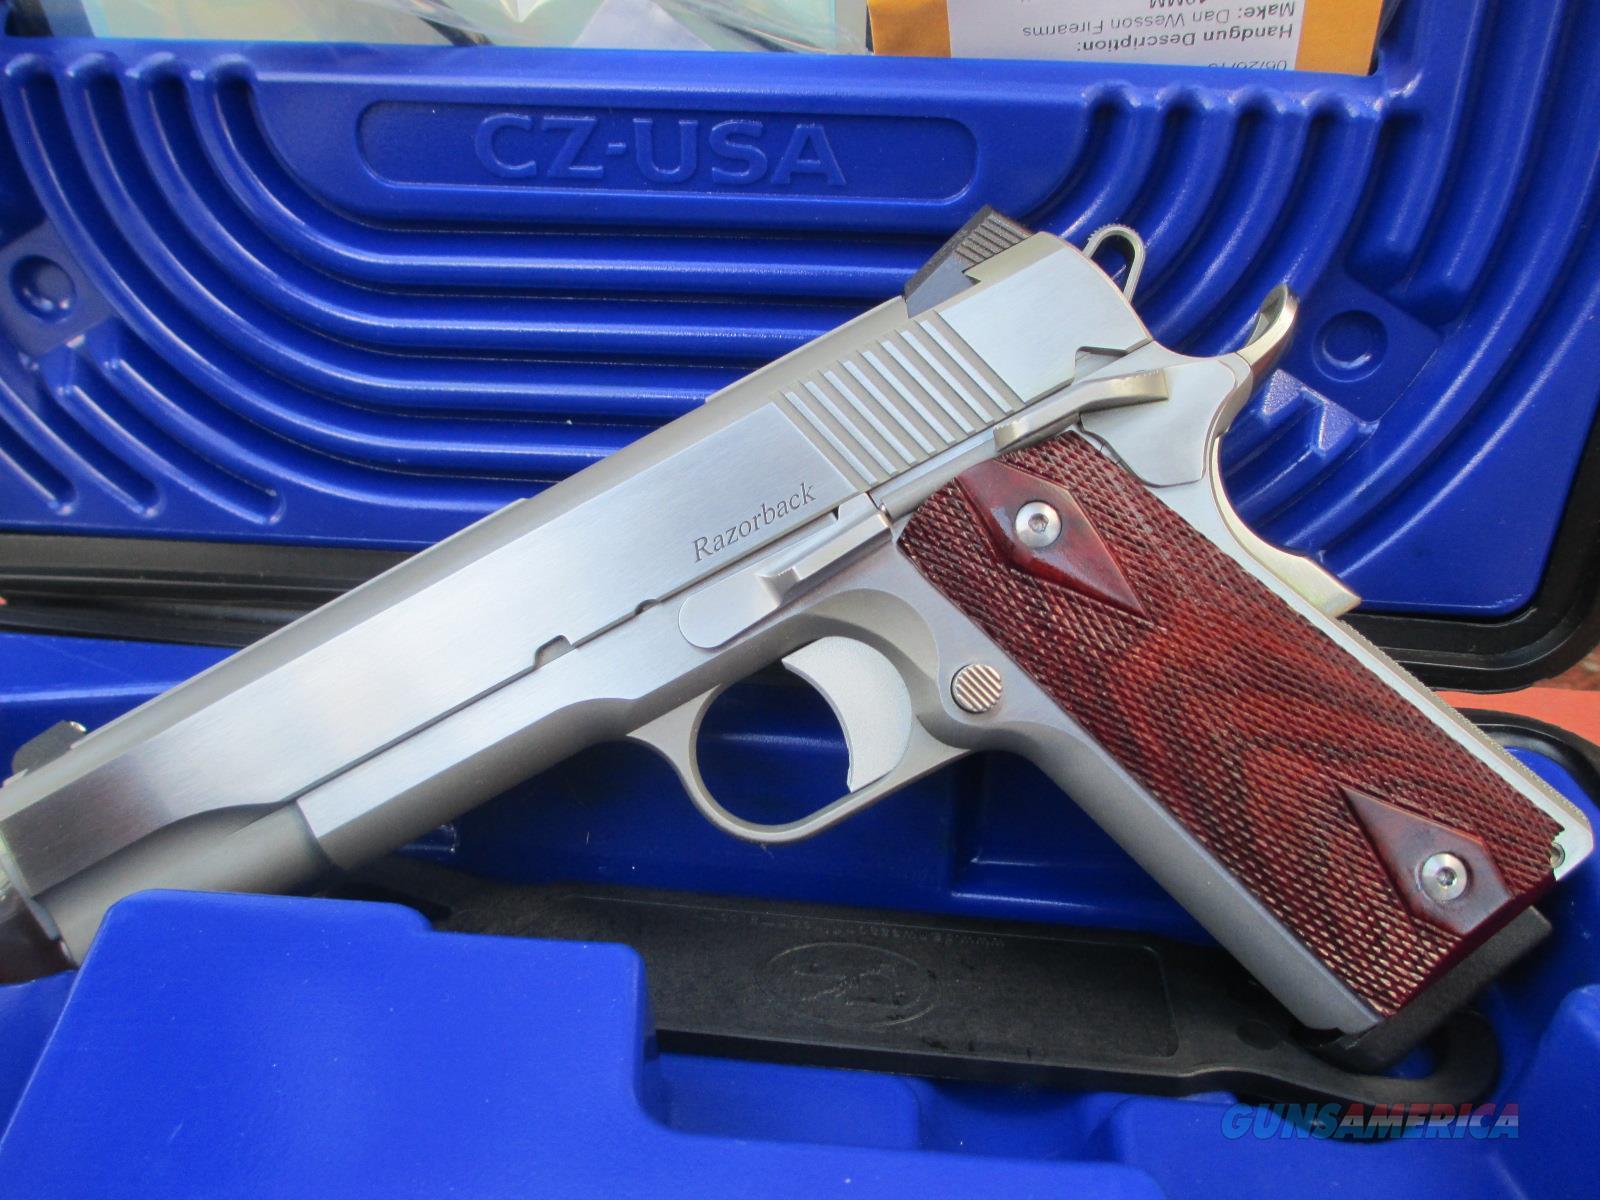 DAN WESSON 10MM RAZORBACK  Guns > Pistols > Dan Wesson Pistols/Revolvers > 1911 Style